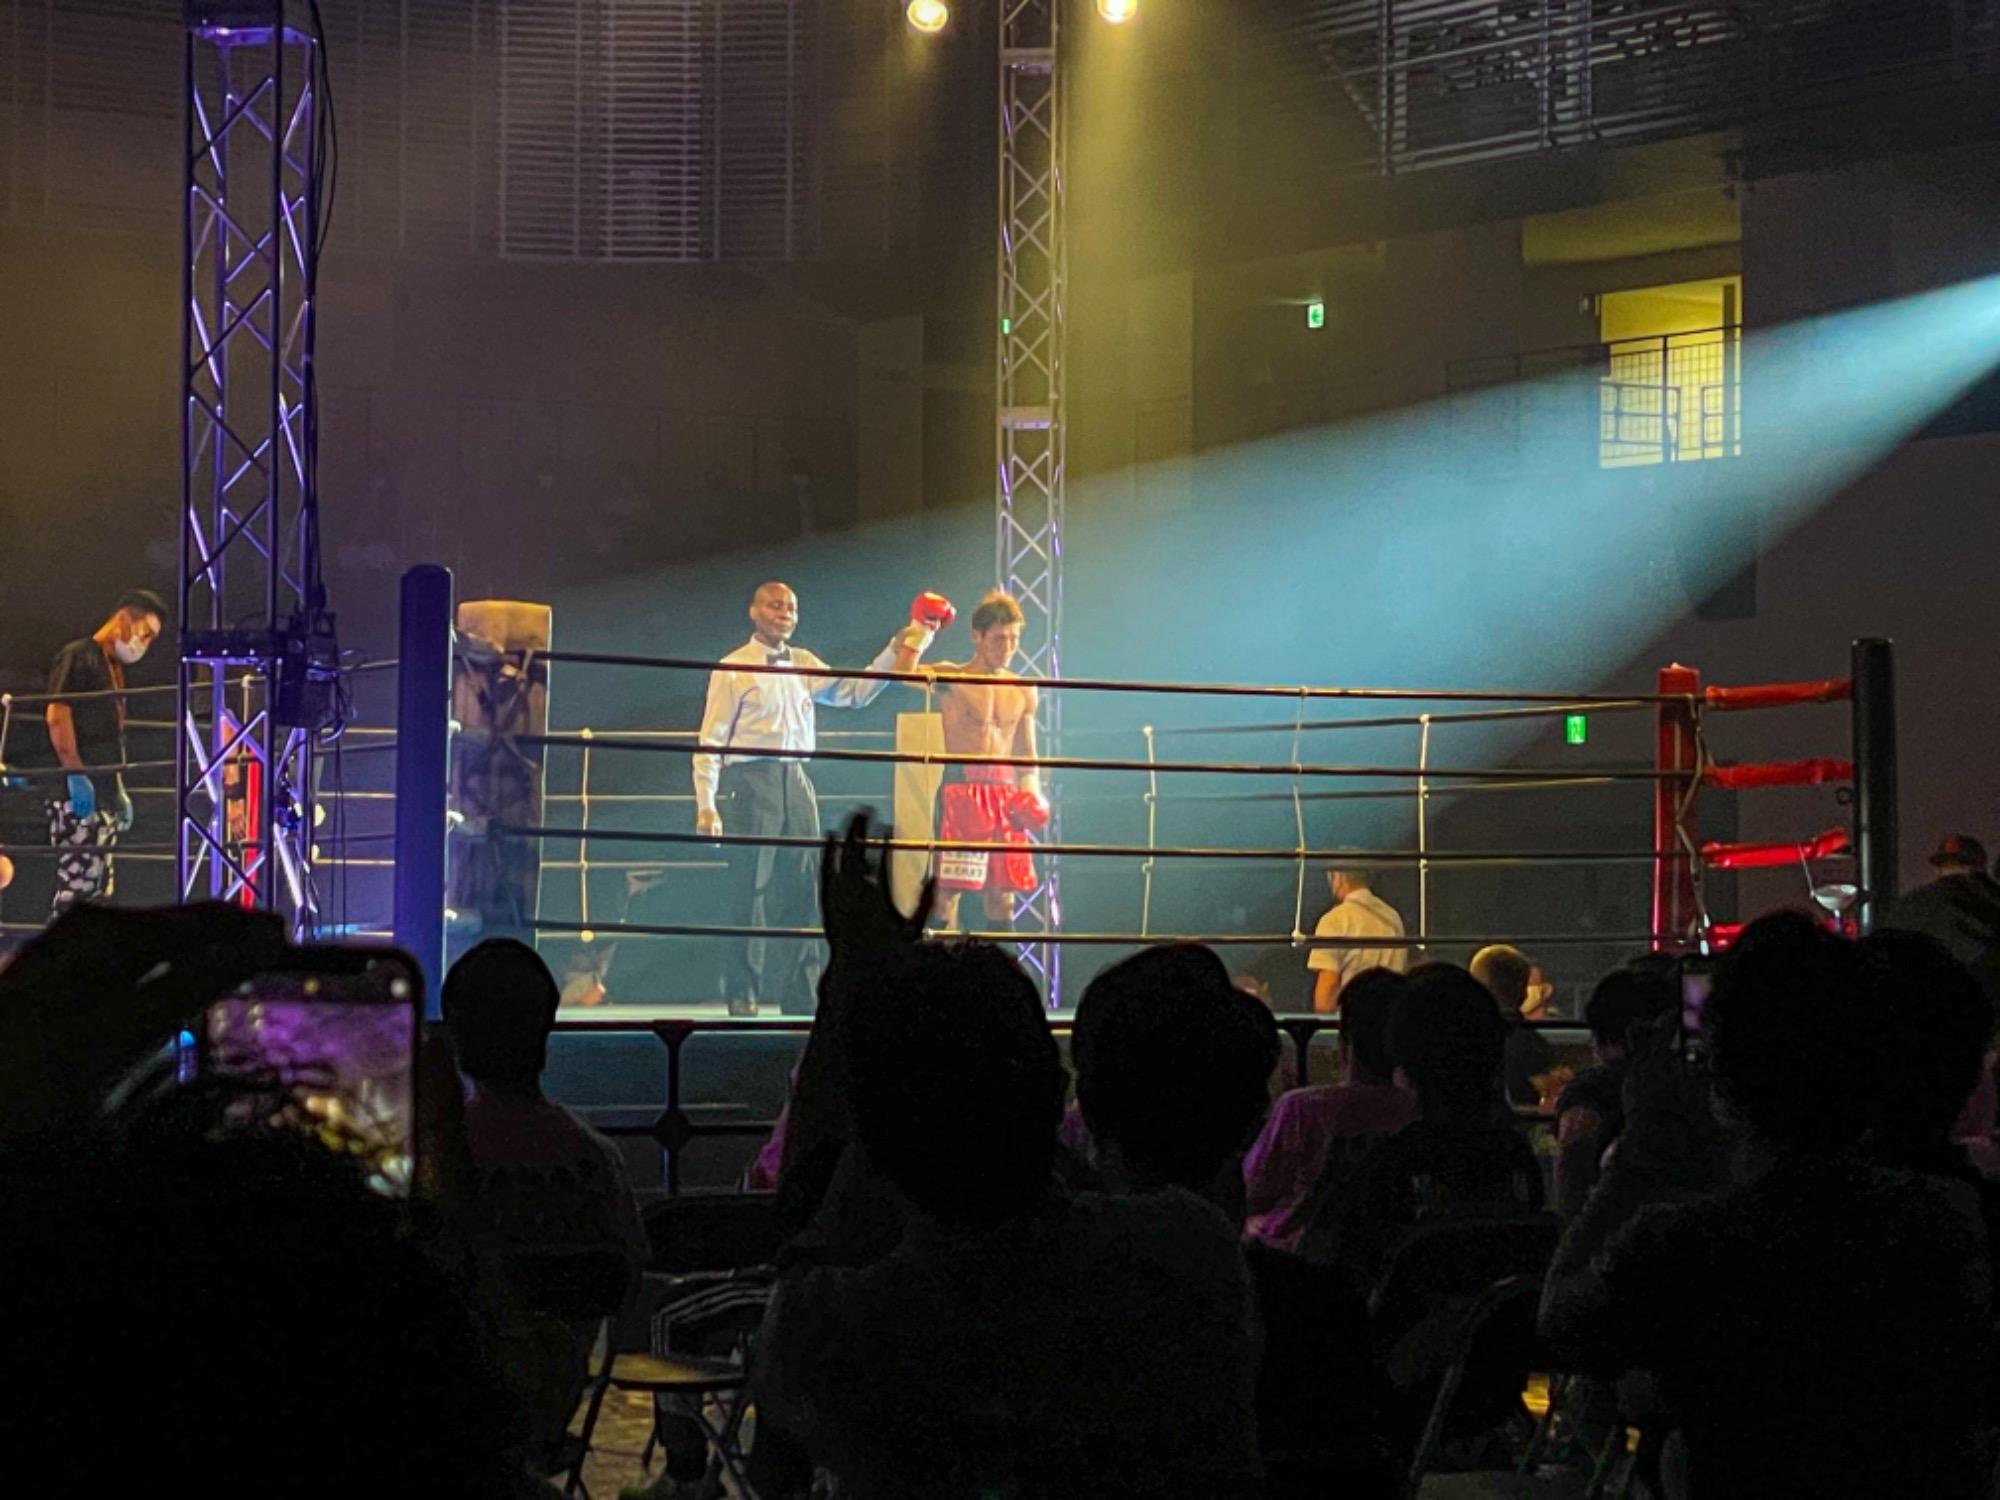 スタッフYUYAのボクシング観戦記4R 画像1|rsc products公式ウェブサイト